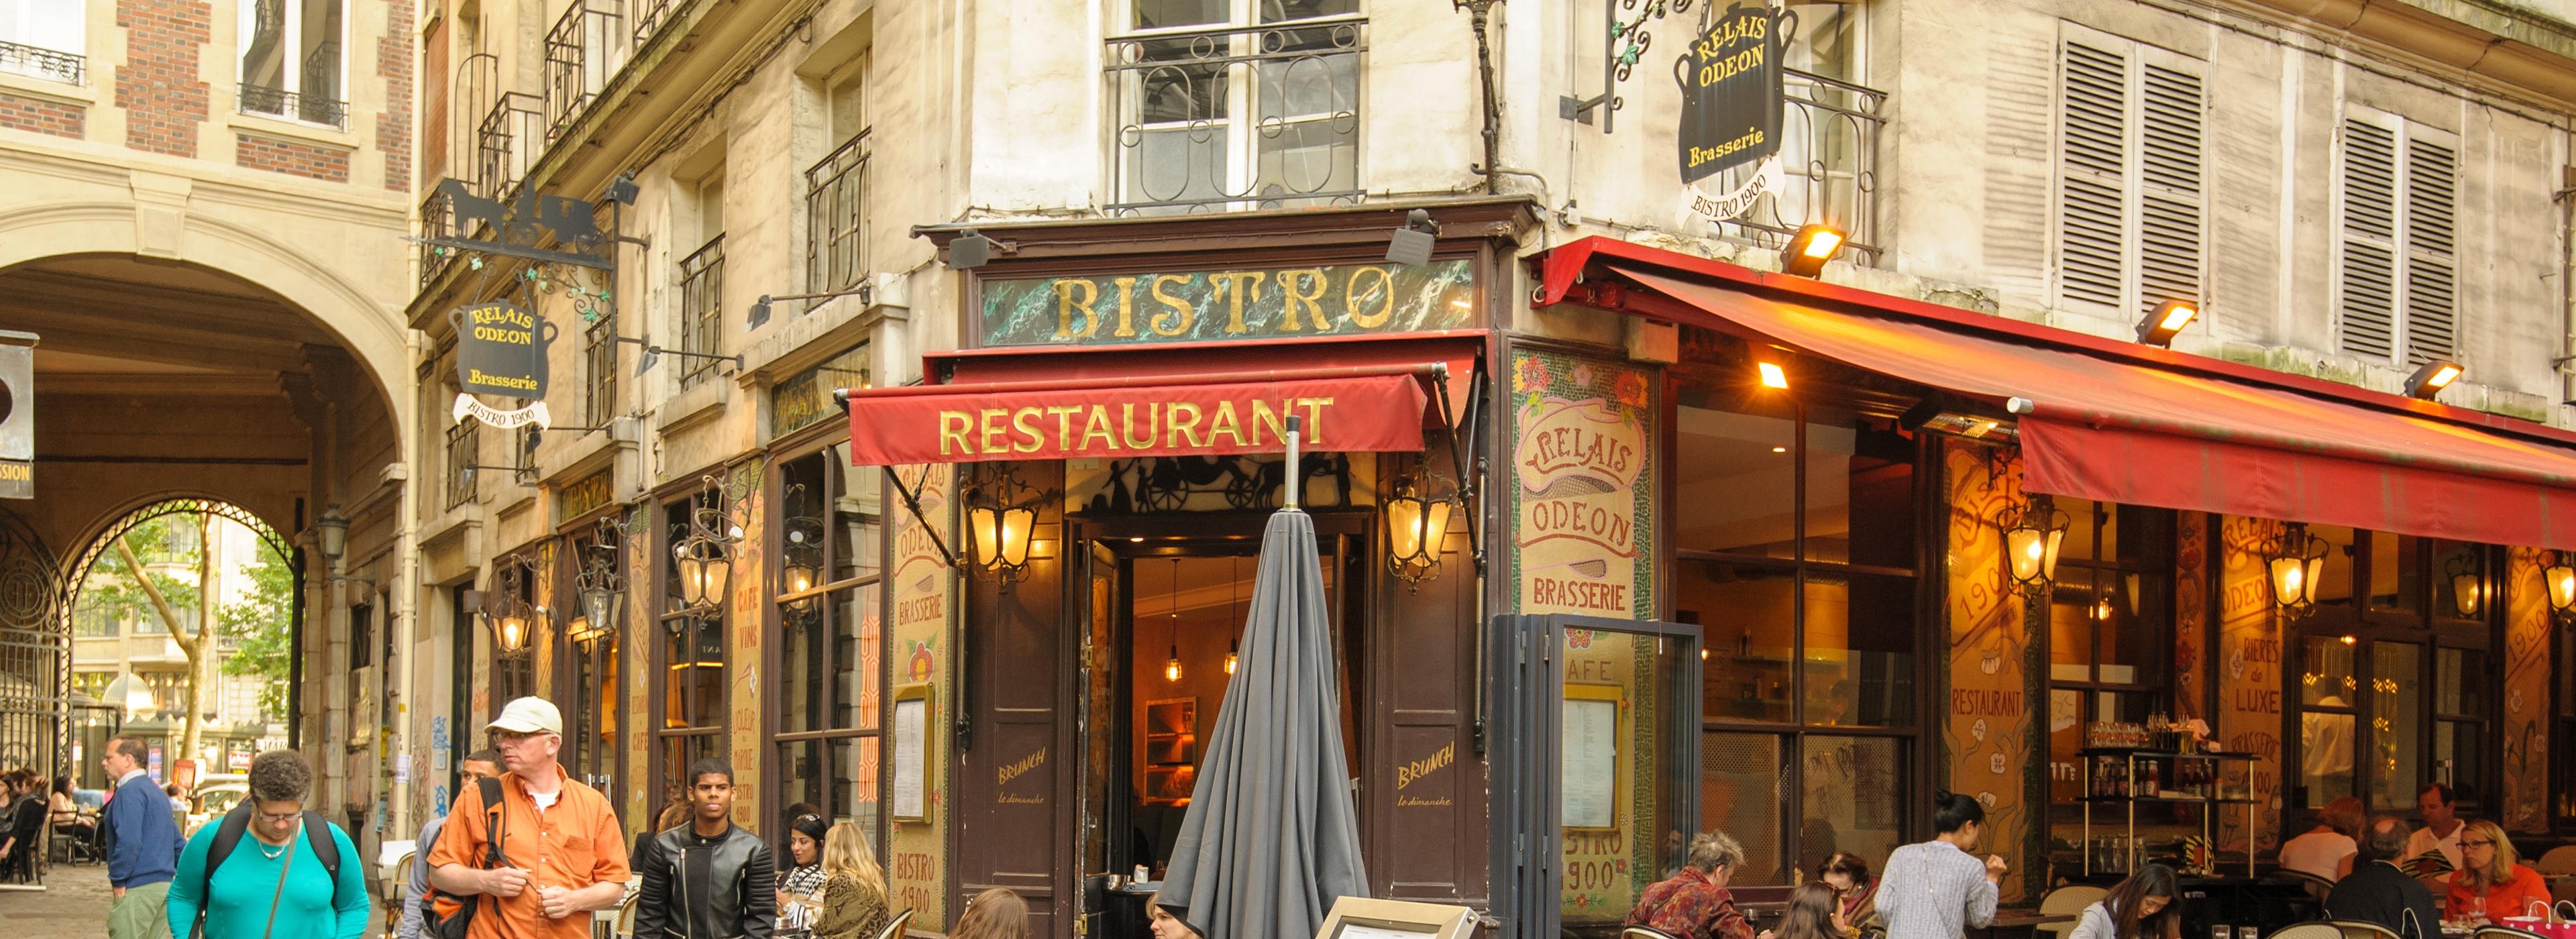 Balade guidée gourmande dans le quartier de St Germain des prés à Paris